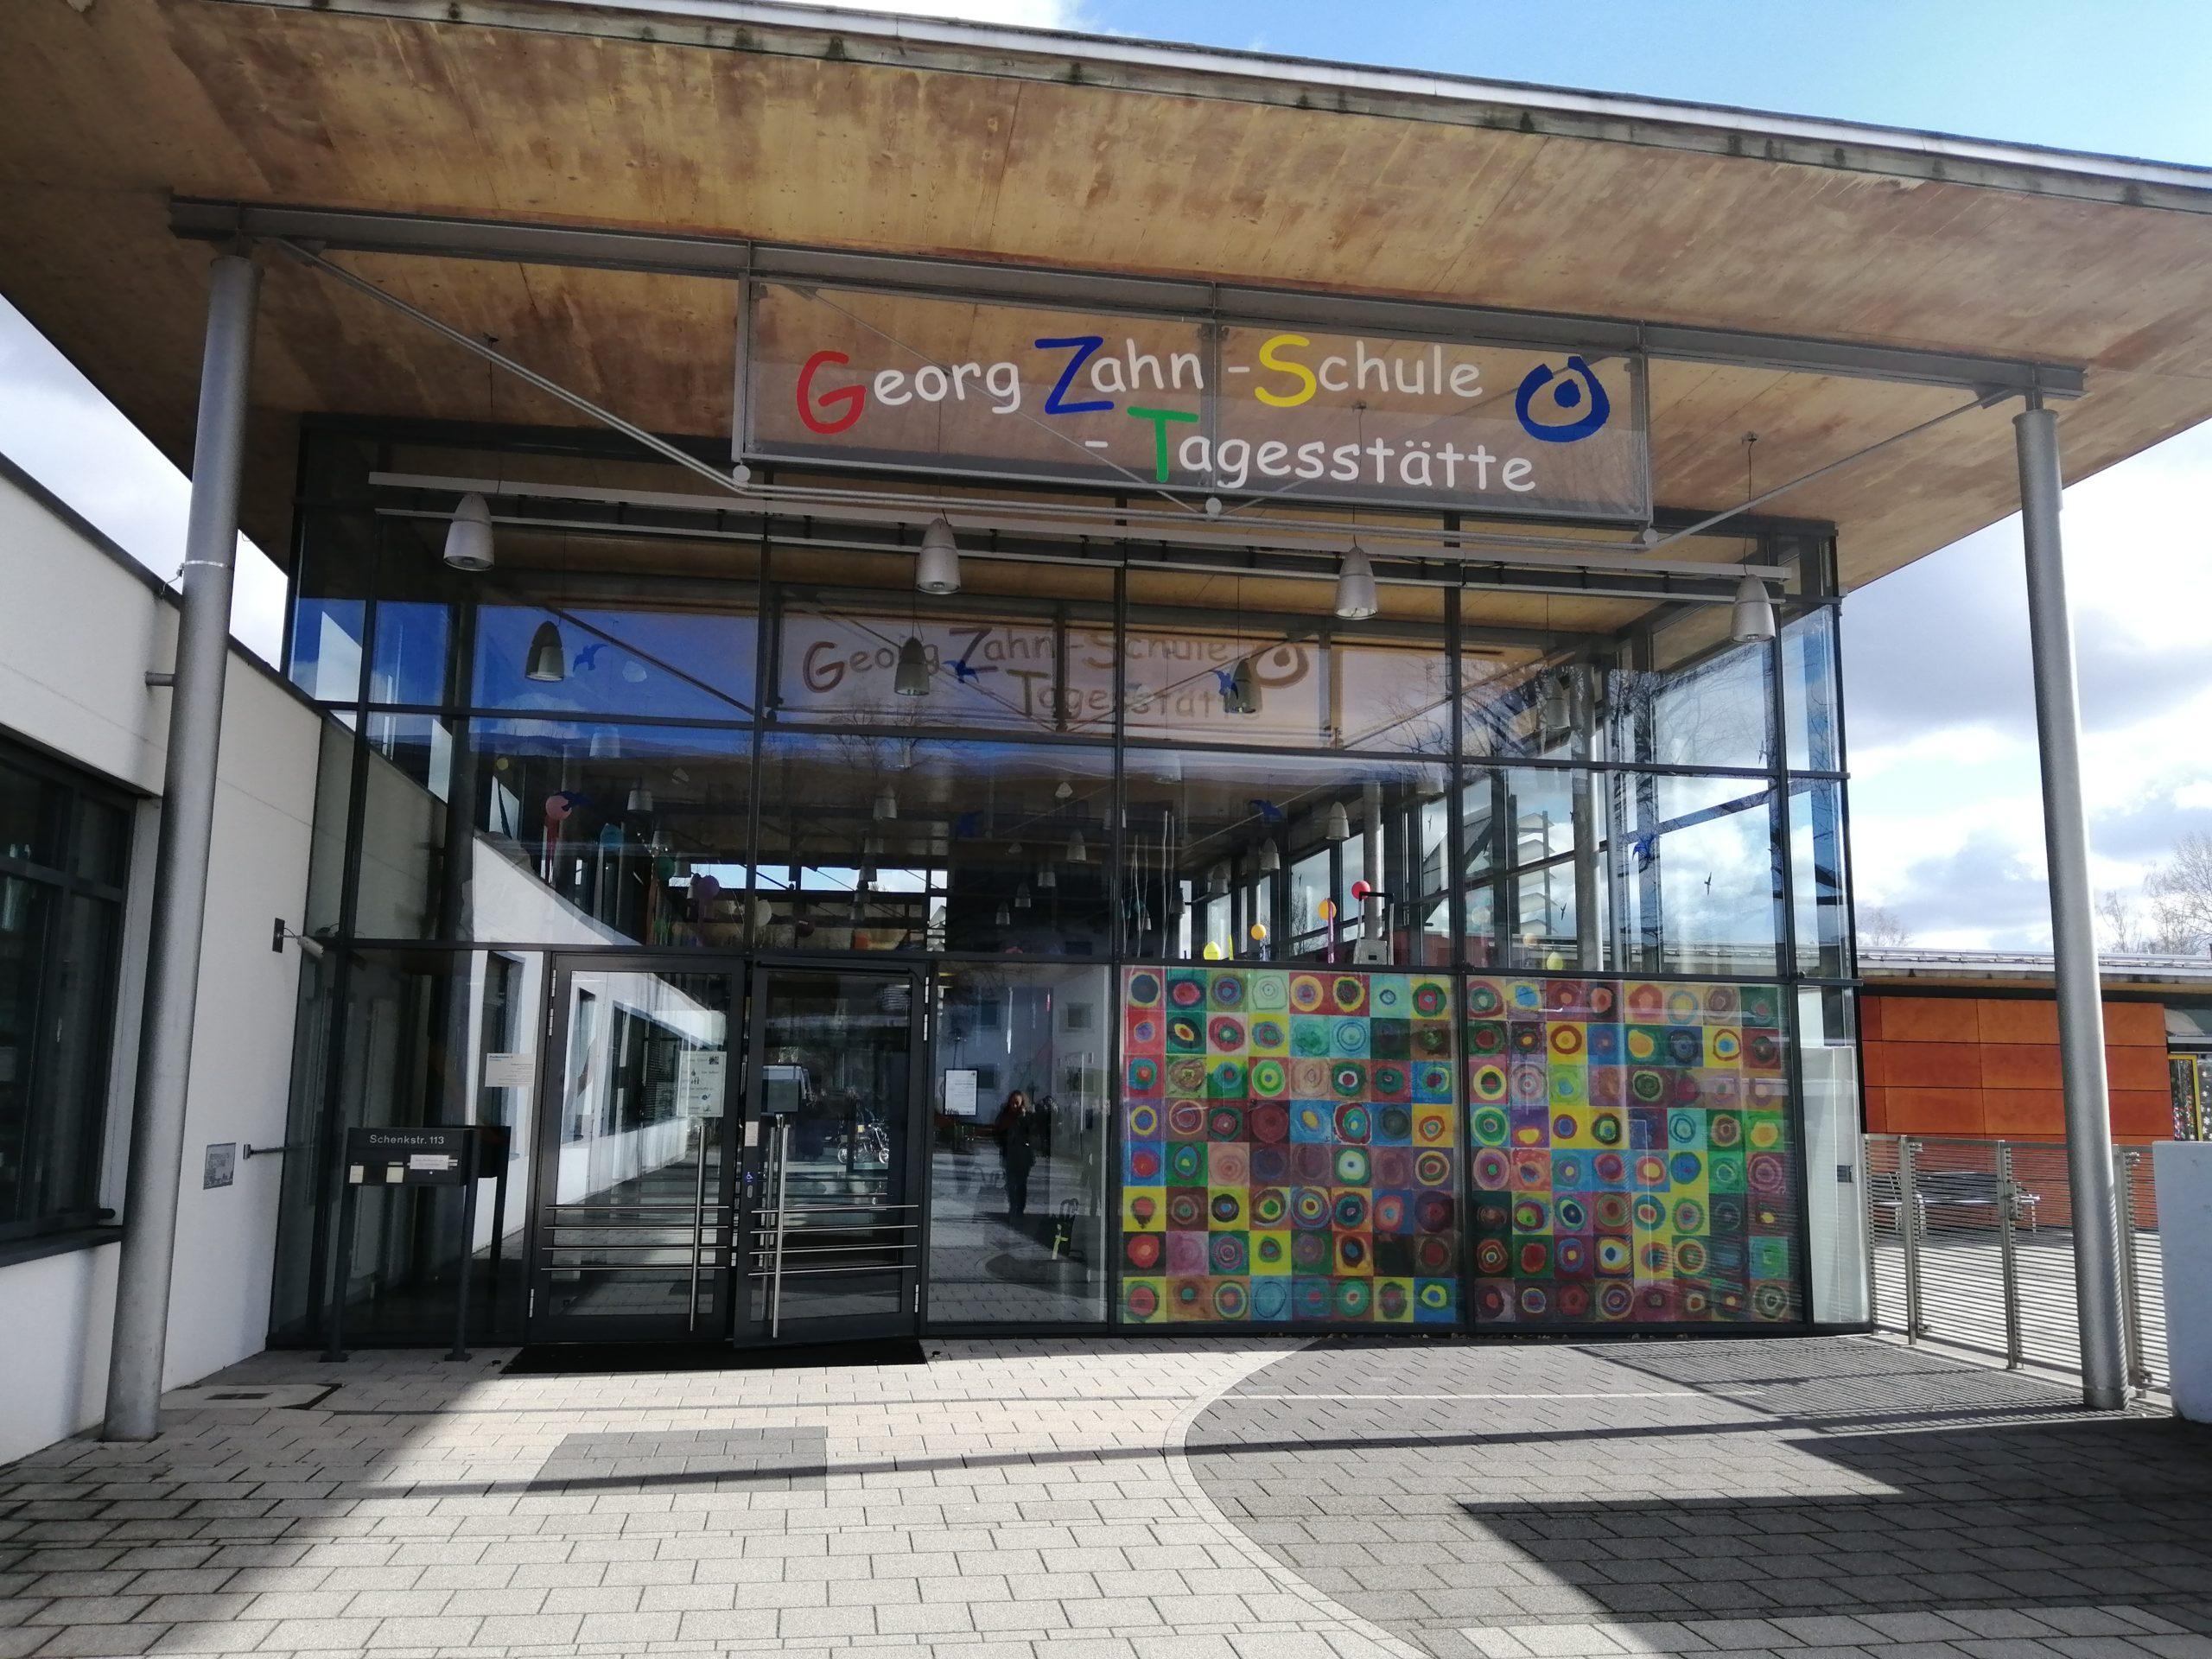 Eingang_zum_Bad_Georg_Zahn_Schule